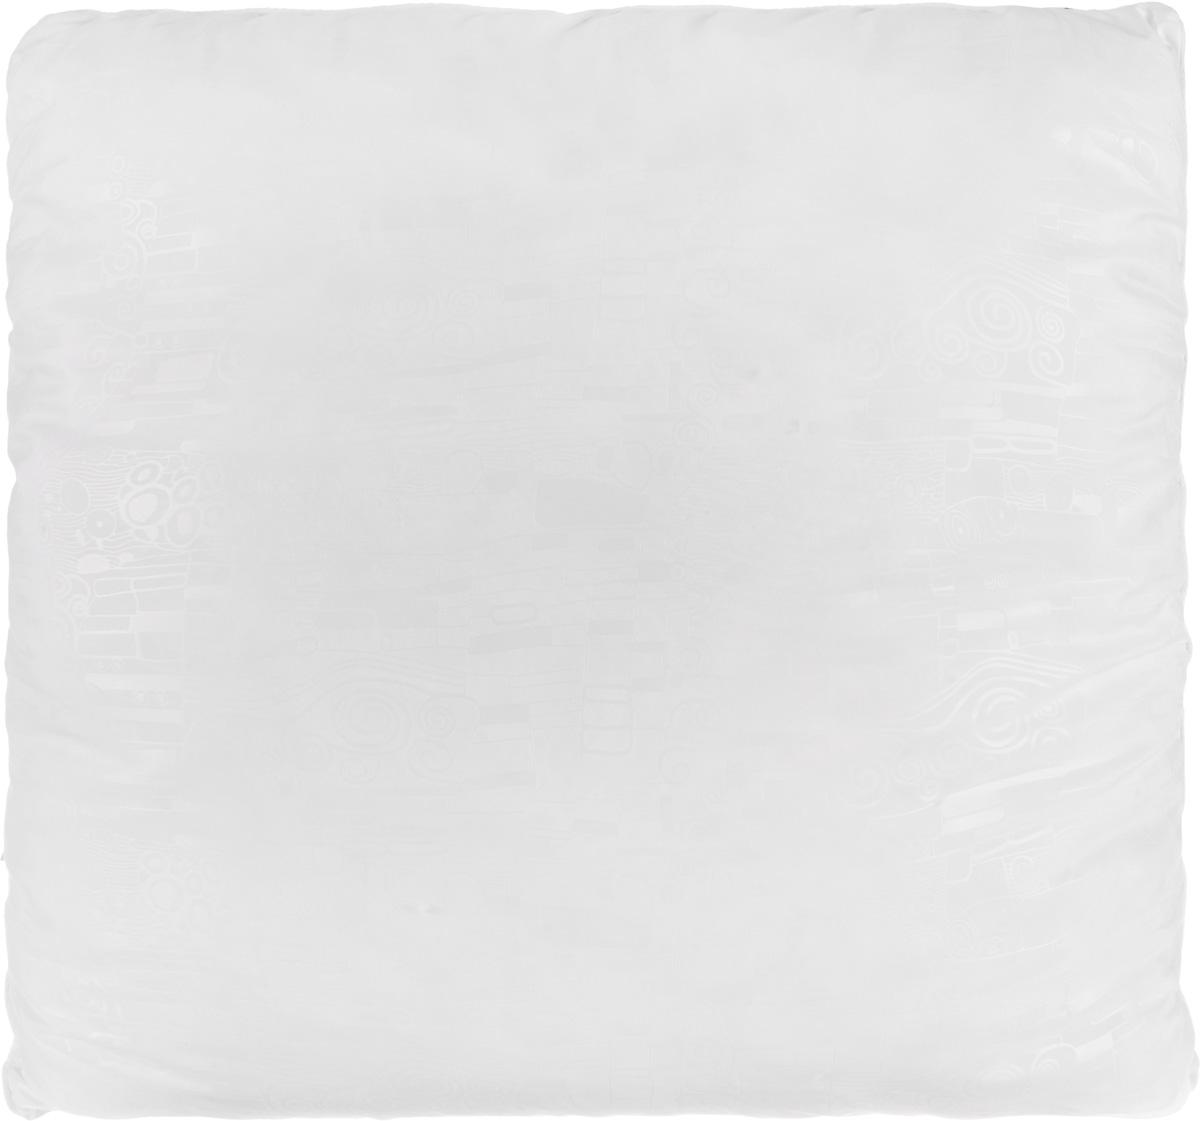 Подушка Smart Textile Безмятежность, наполнитель: лебяжий пух, алоэ вера, цвет: белый, 70 х 70 смES-412Удобная и мягкая подушка Smart Textile Безмятежность подарит здоровый сон и отличный отдых. Чехол подушки на молнии выполнен из микрофибры с красивым узором. В качестве наполнителя используется лебяжий пух, пропитанный экстрактом алоэ вера. Лебяжий пух - это 100% сверхтонкое высокосиликонизированное волокно. Такой наполнитель мягкий, приятный на ощупь и гипоаллергенный. Подушка удобна в эксплуатации: легко стирается, быстро сохнет, сохраняя первоначальные свойства, устойчива к воздействию прямых солнечных лучей, износостойка и прочна. Изделие обладает высокой теплоизоляционной способностью - не вызывает перегрева головы. Подушка обеспечит оптимальную, в меру упругую поддержку головы во время сна. На такой подушке комфортно спать в любую погоду людям всех возрастов.